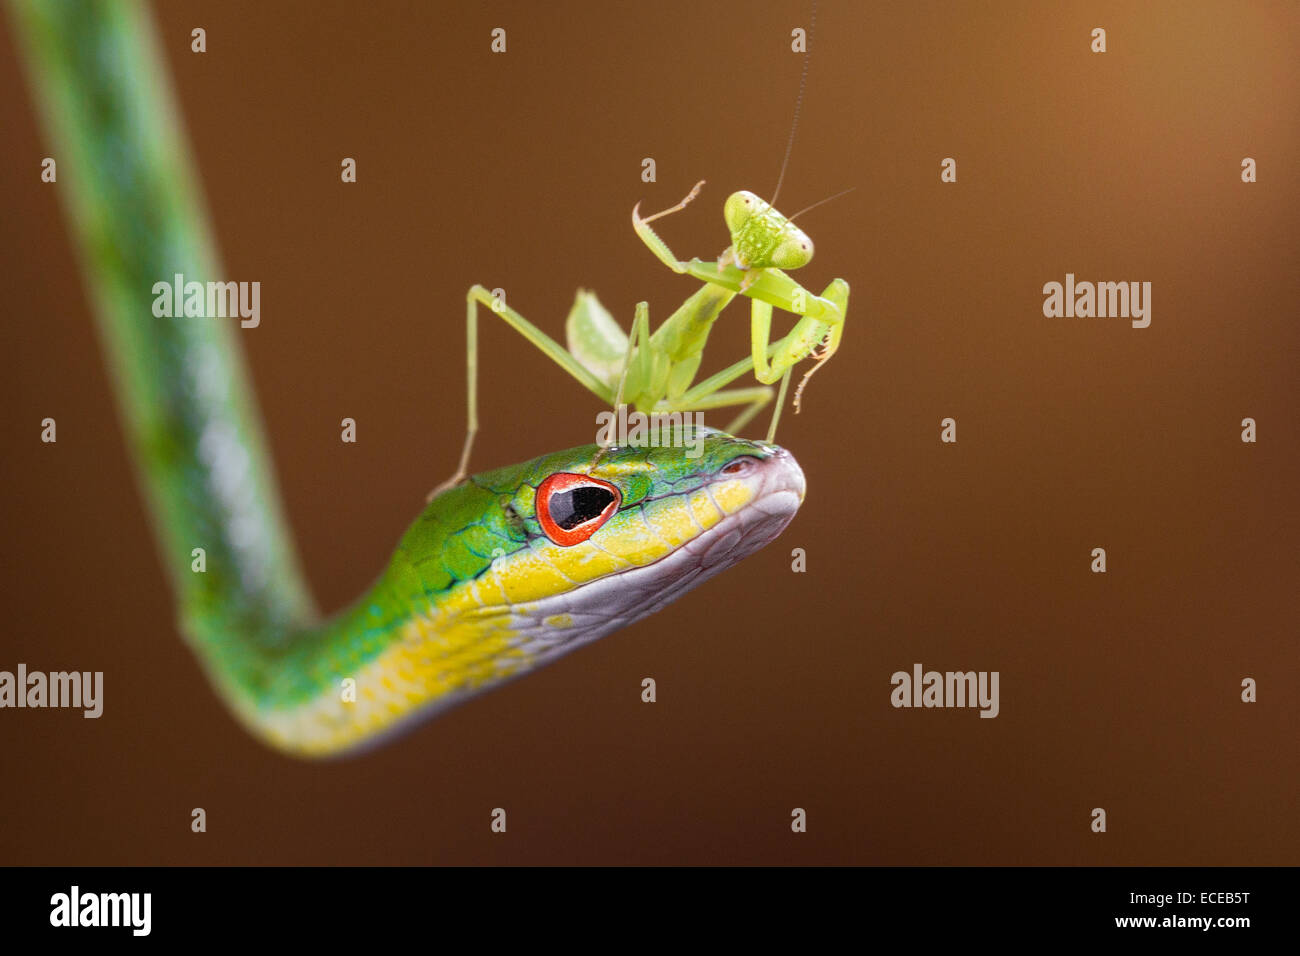 Indonesia, Islas Riau, Batam Ciudad, Mantis sobre snake Imagen De Stock